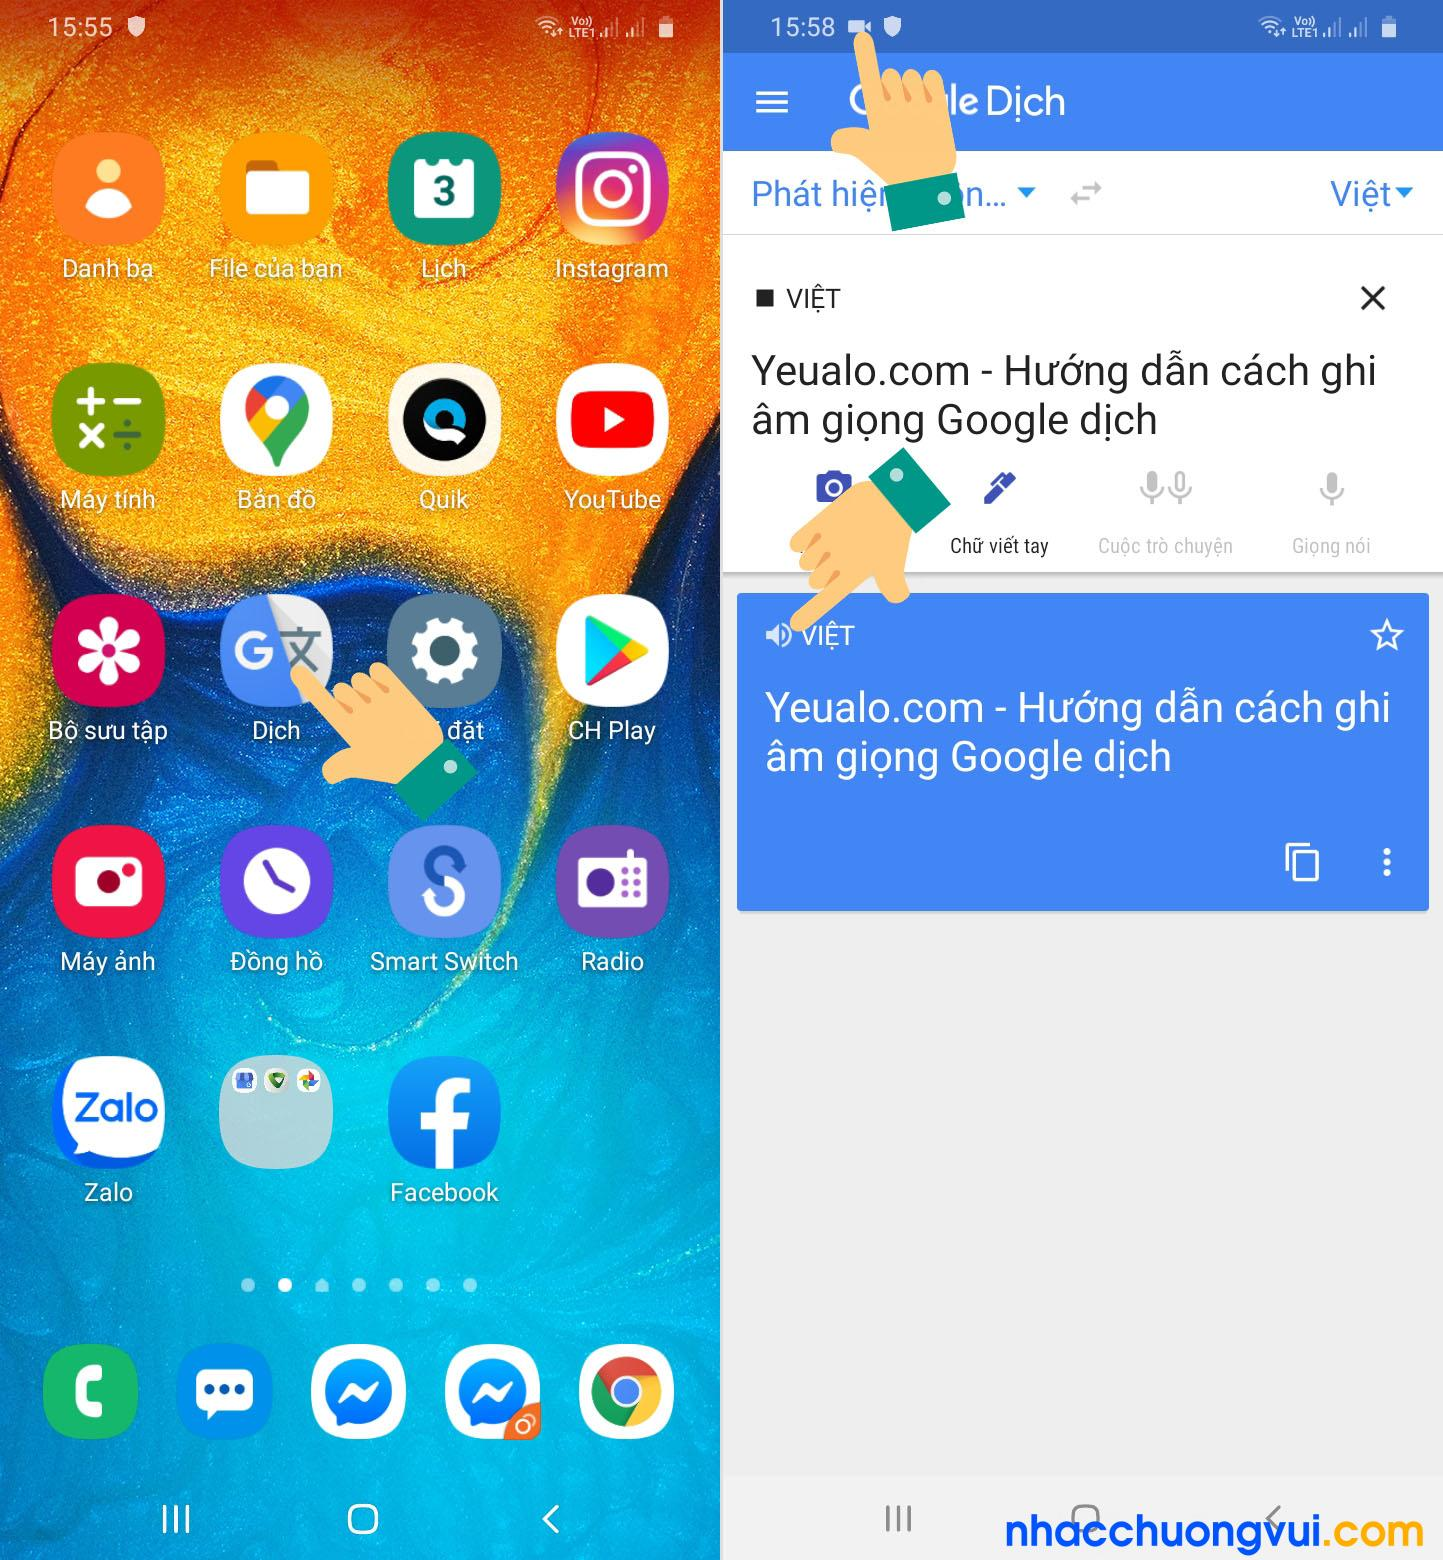 Các bước ghi âm giọng chị Google trên điện thoại